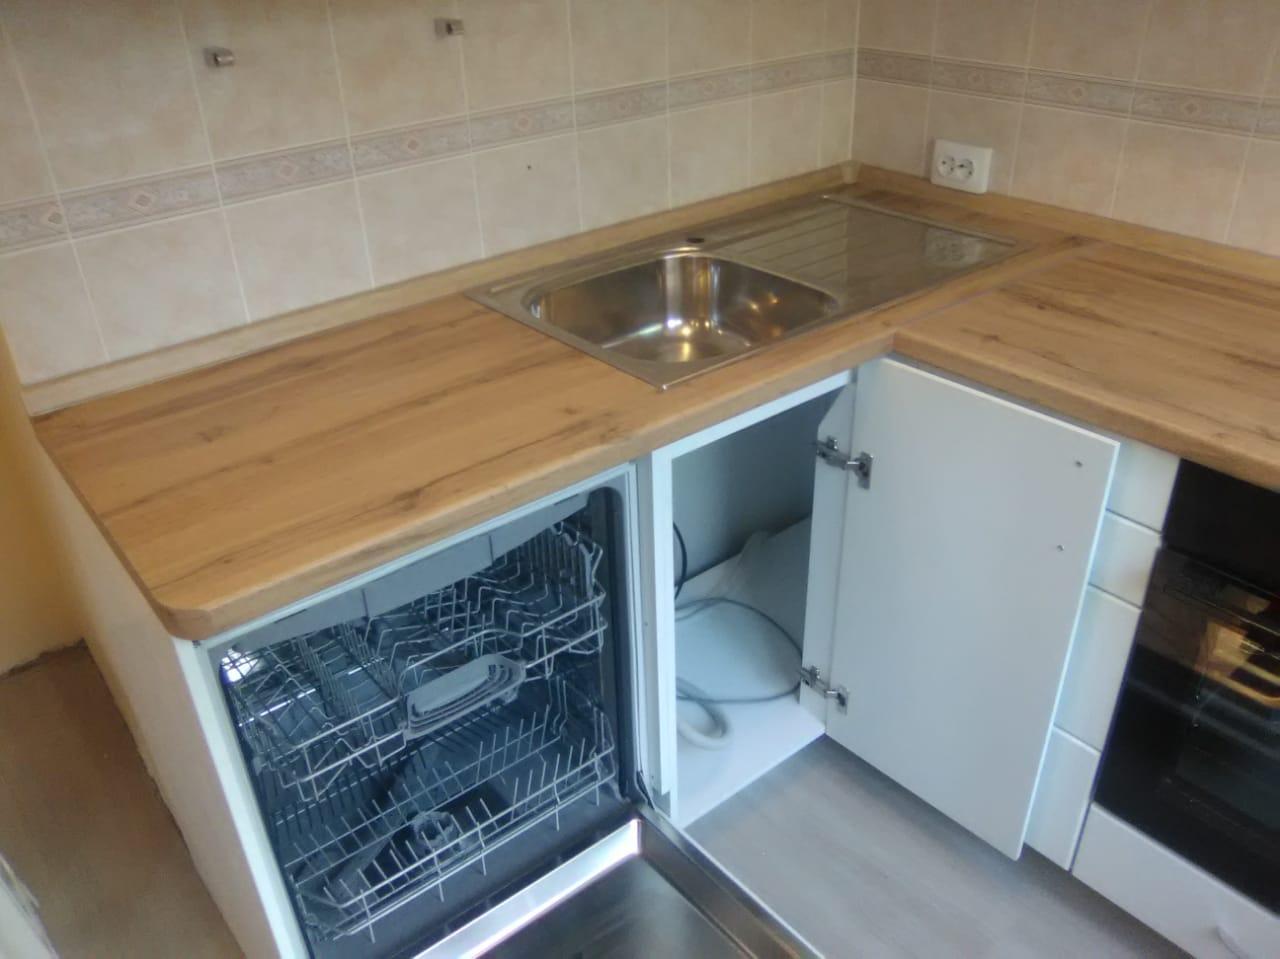 Уютная кухня со встроенной техникой на заказ в Новосибирске4